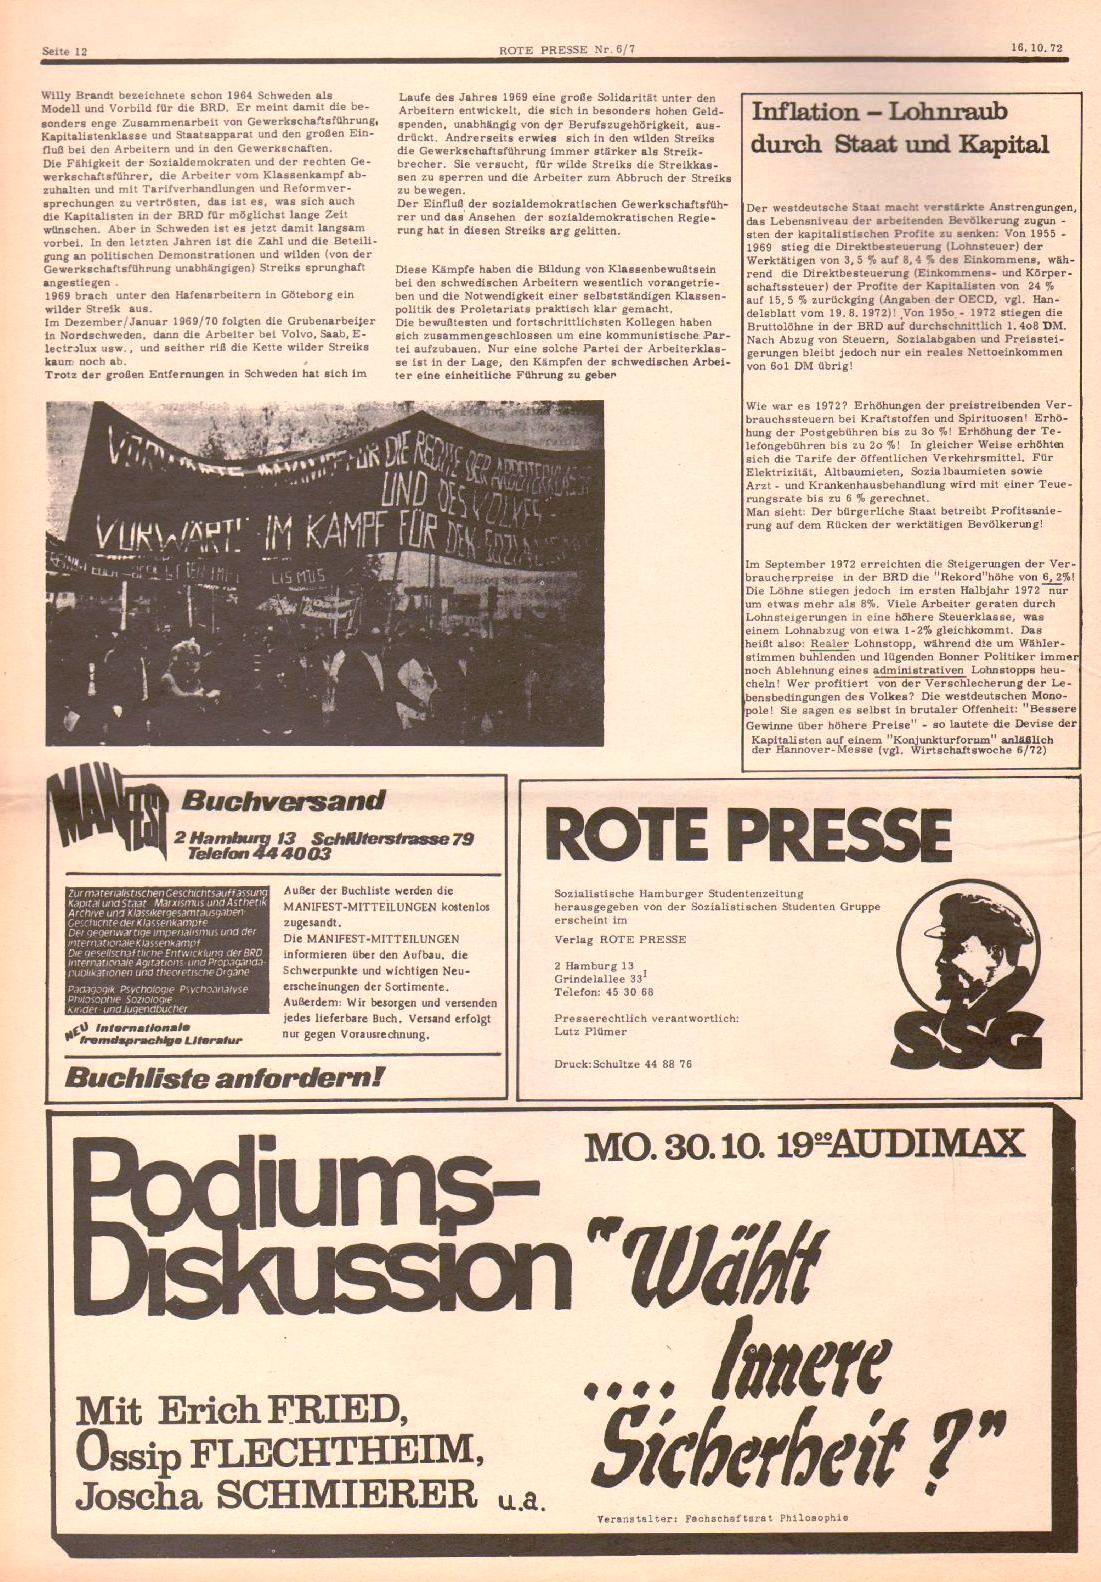 Hamburg_Rote_Presse044